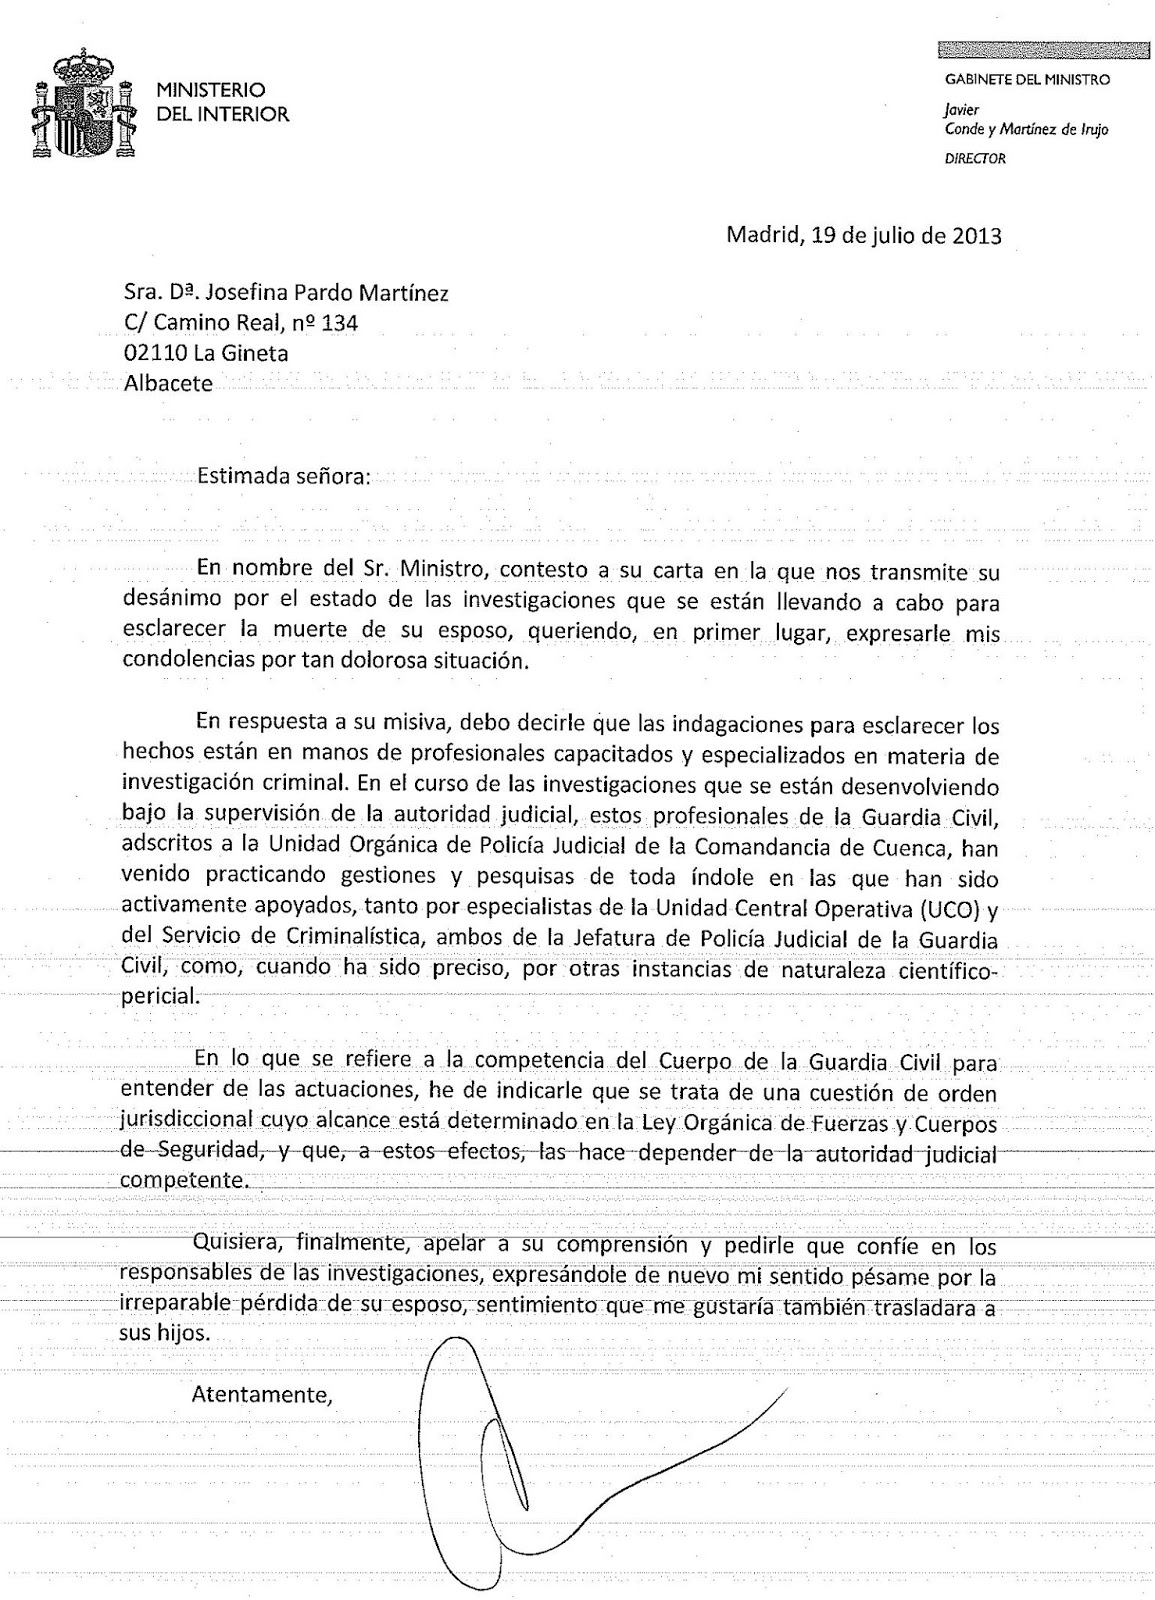 Justicia para marcial hidalgo ambrona carta respuesta for Notificacion ministerio del interior